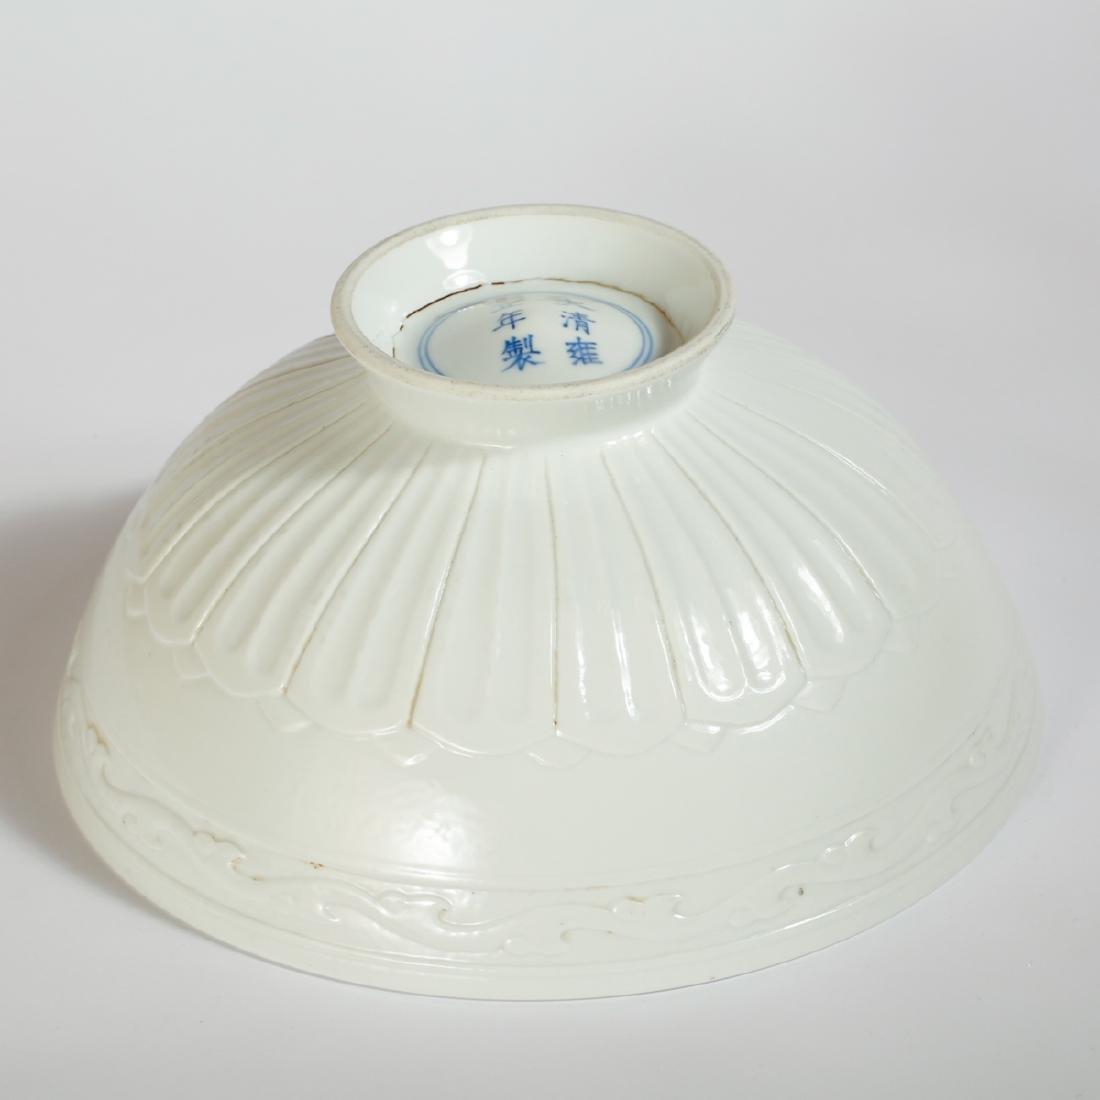 CHINESE WHITE GLAZED ANHUA BOWL - 4